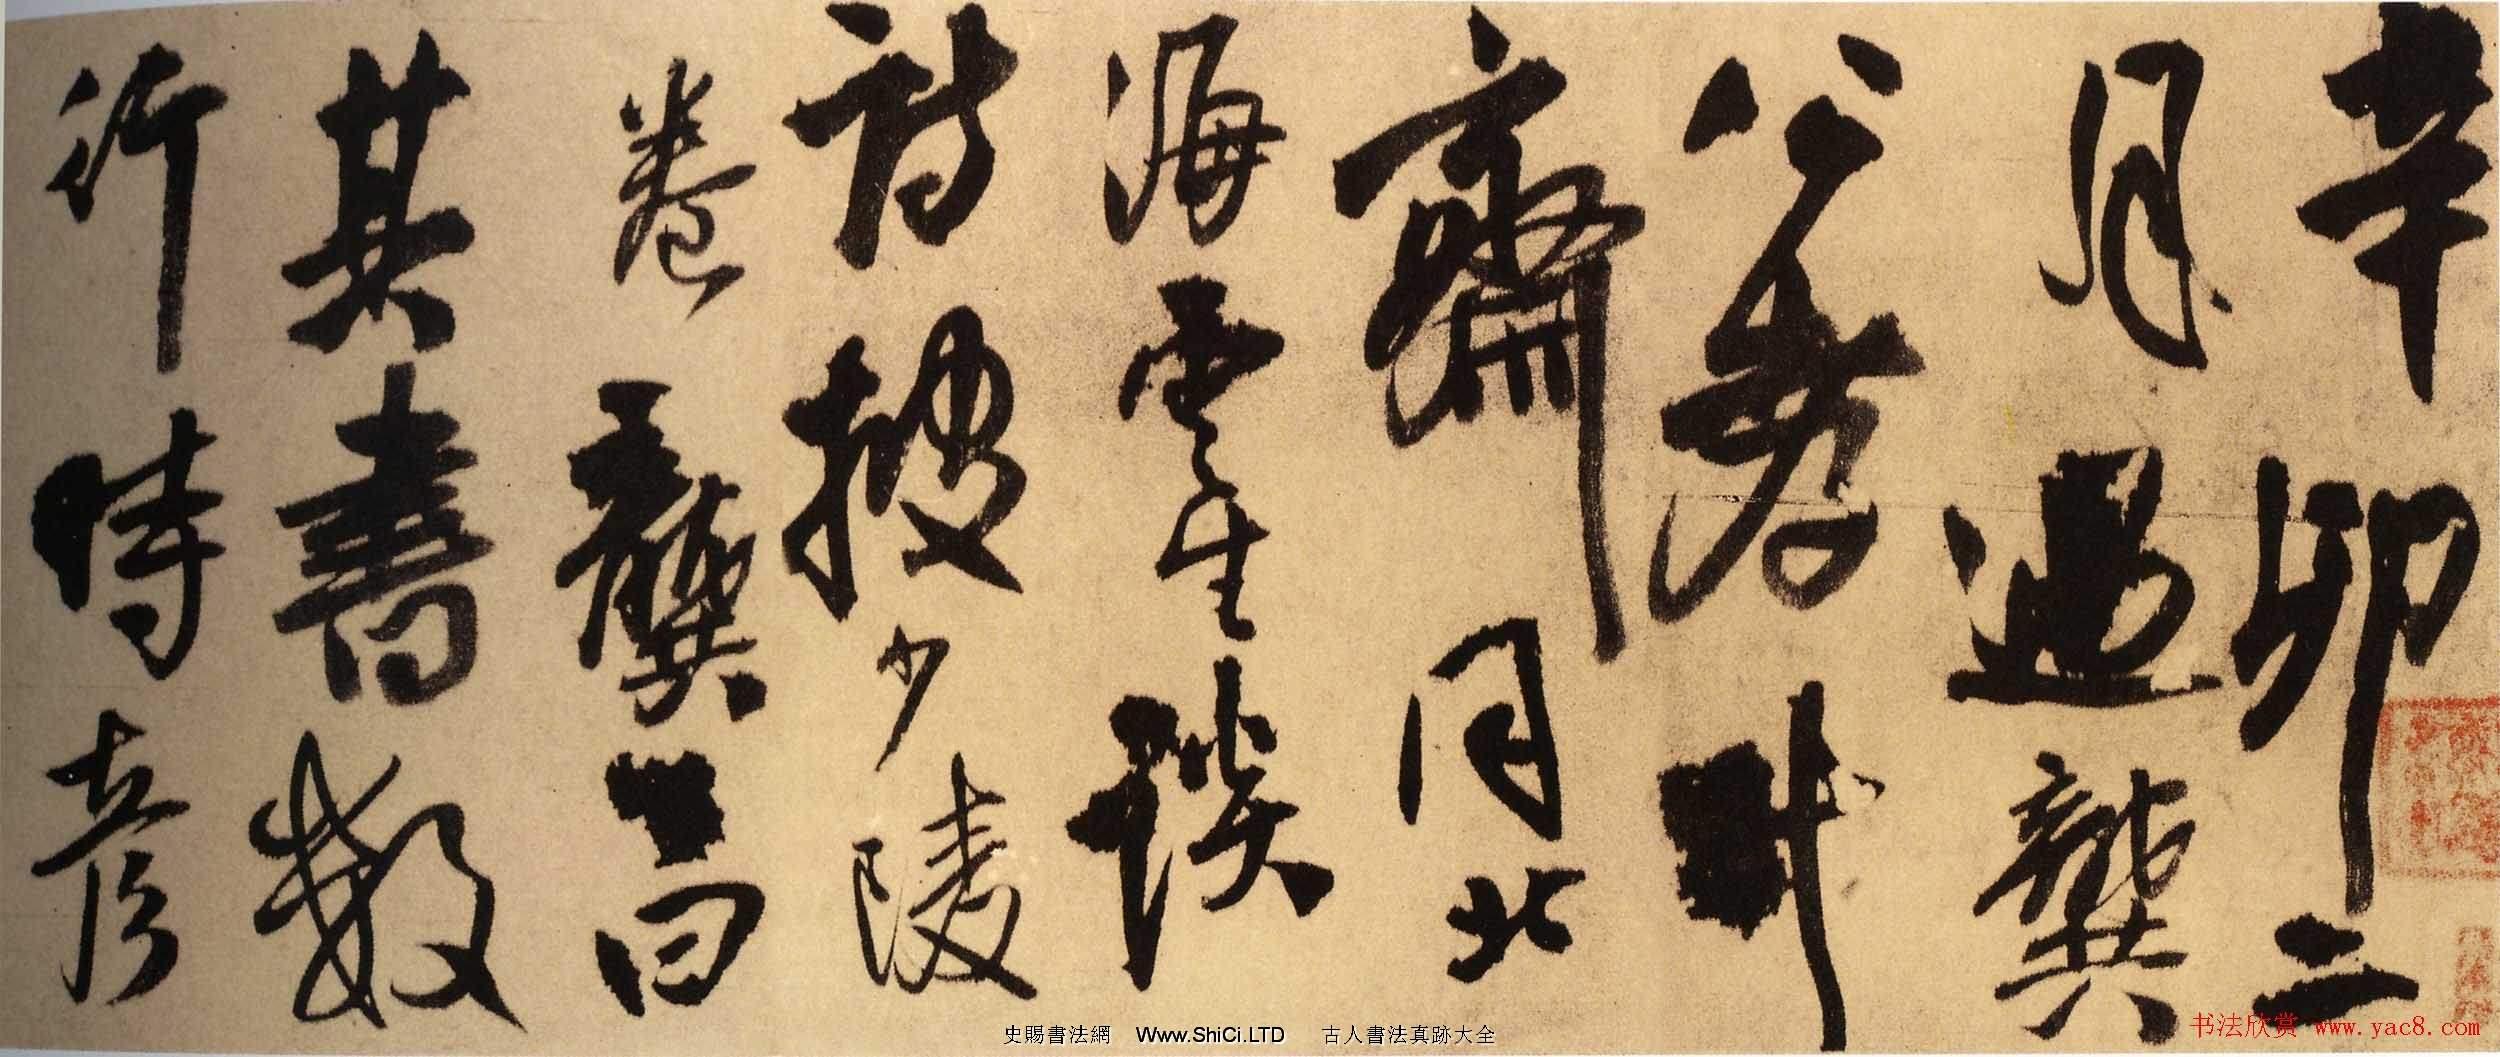 王鐸行書作品真跡橫捲《奉龔孝升書》(共4張圖片)